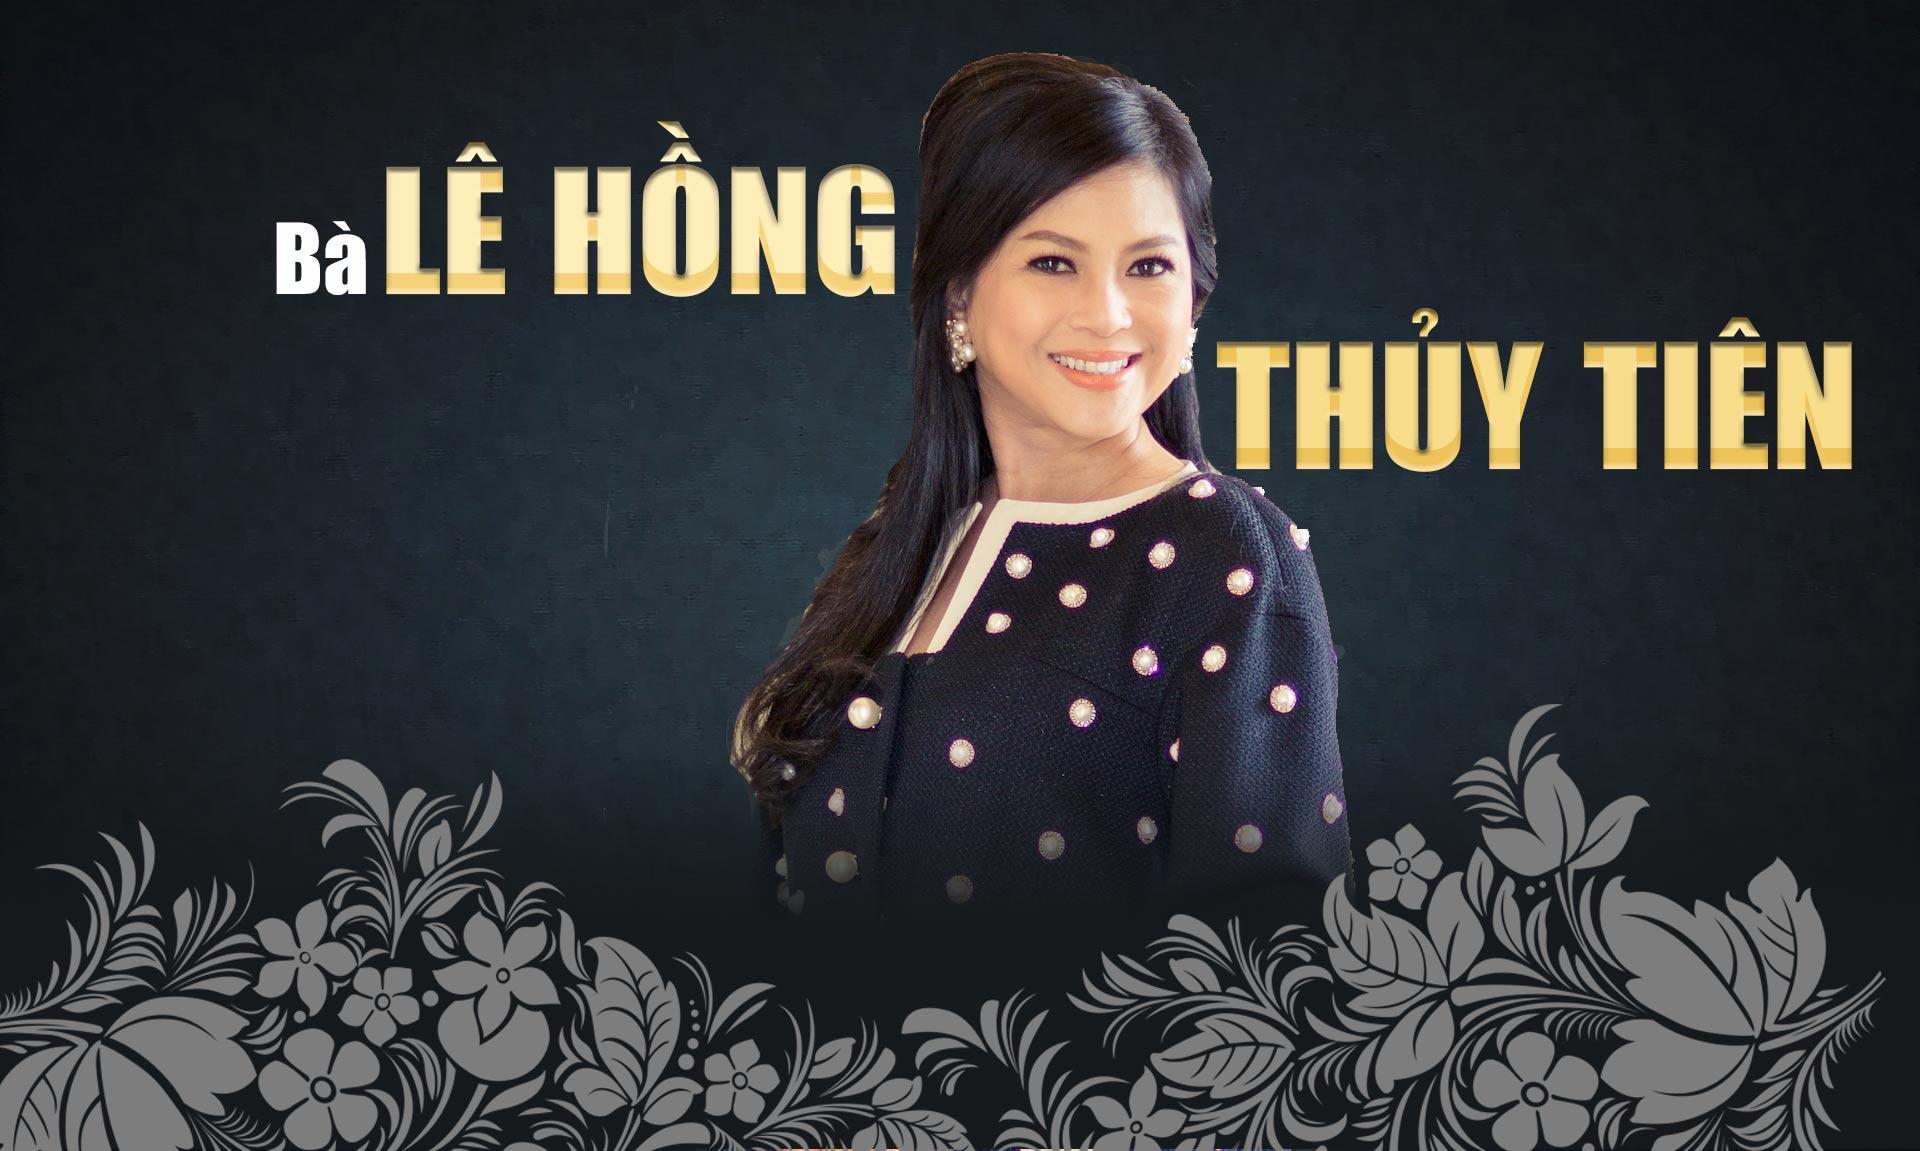 10 phụ nữ Việt gây choáng bởi sự giàu có, giỏi giang và quyền lực - 20